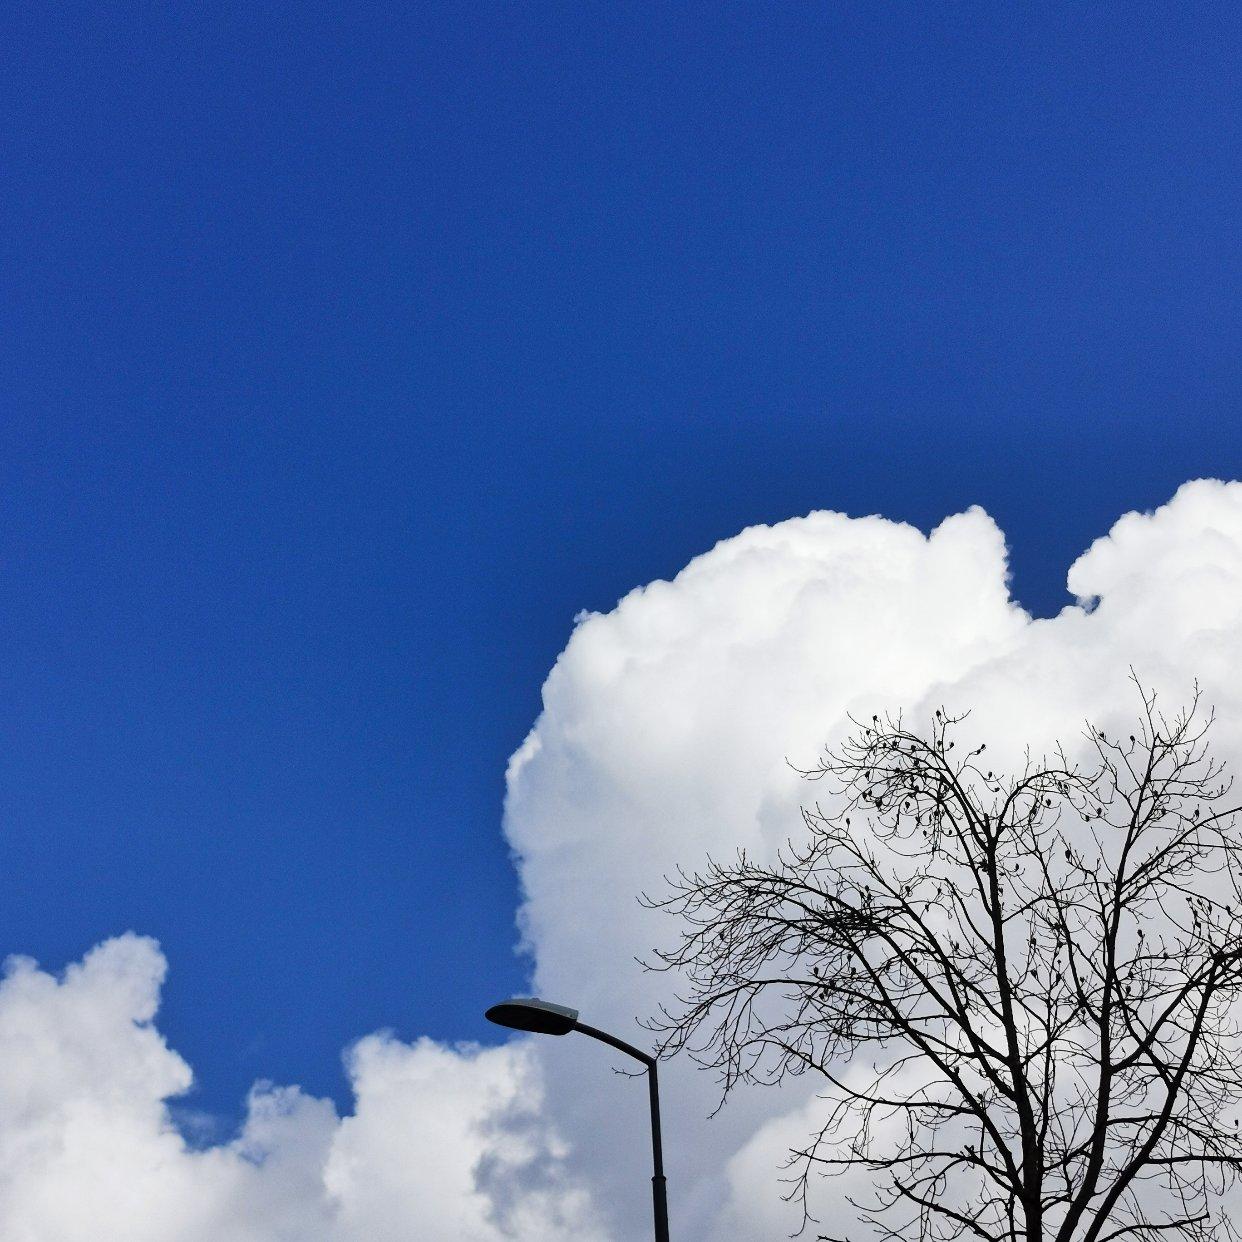 分享今日好天气和好心情~